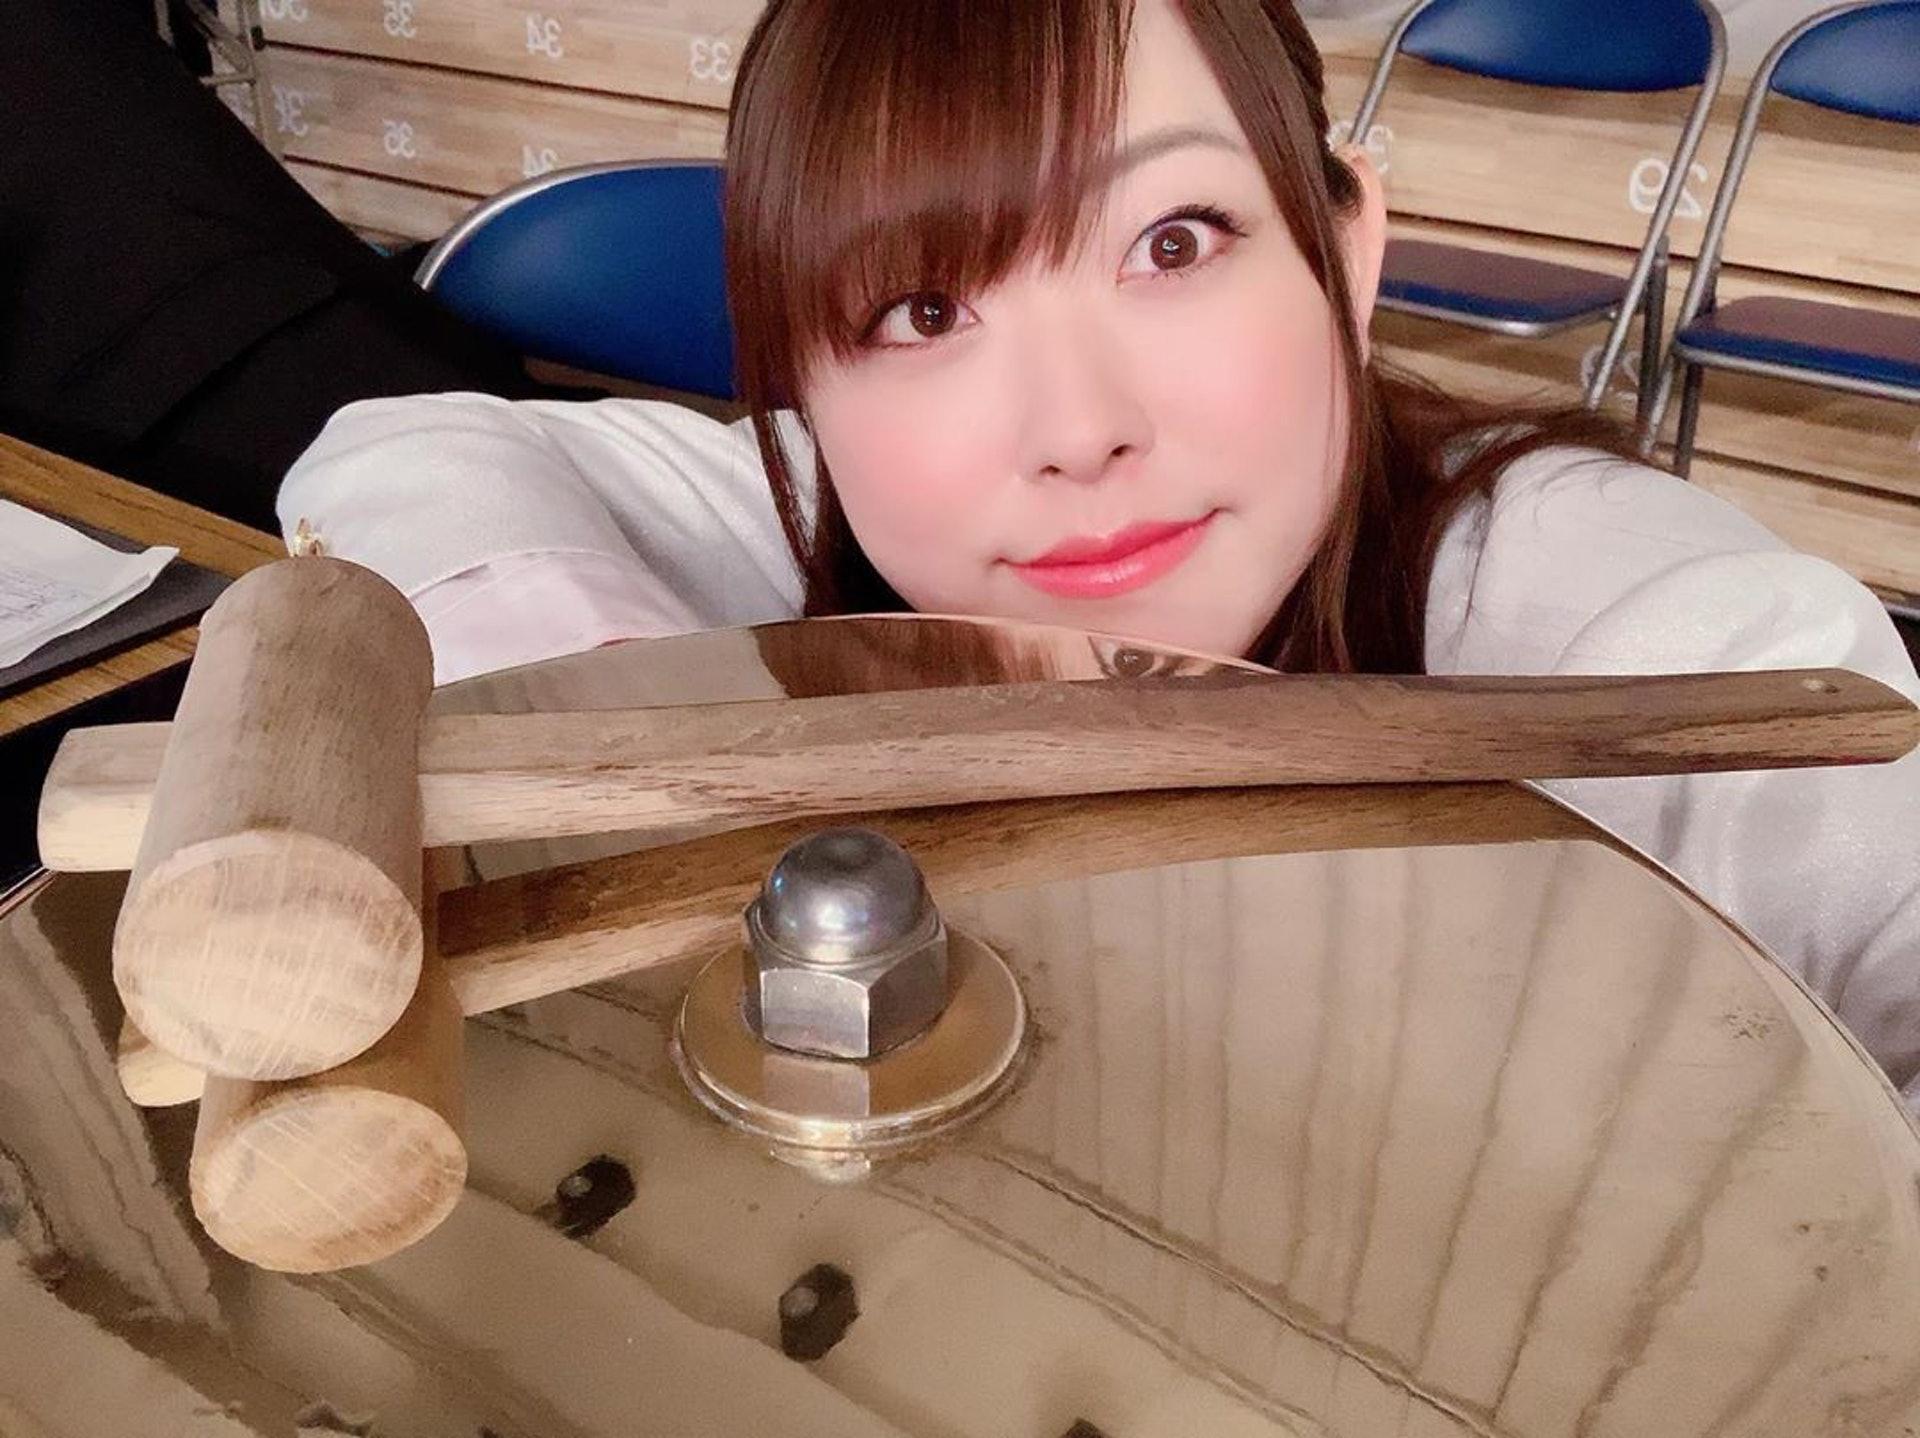 29歲的日本職業摔跤播音員櫻田愛實親身經歷了「被寄生事件」!(櫻田愛實IG)